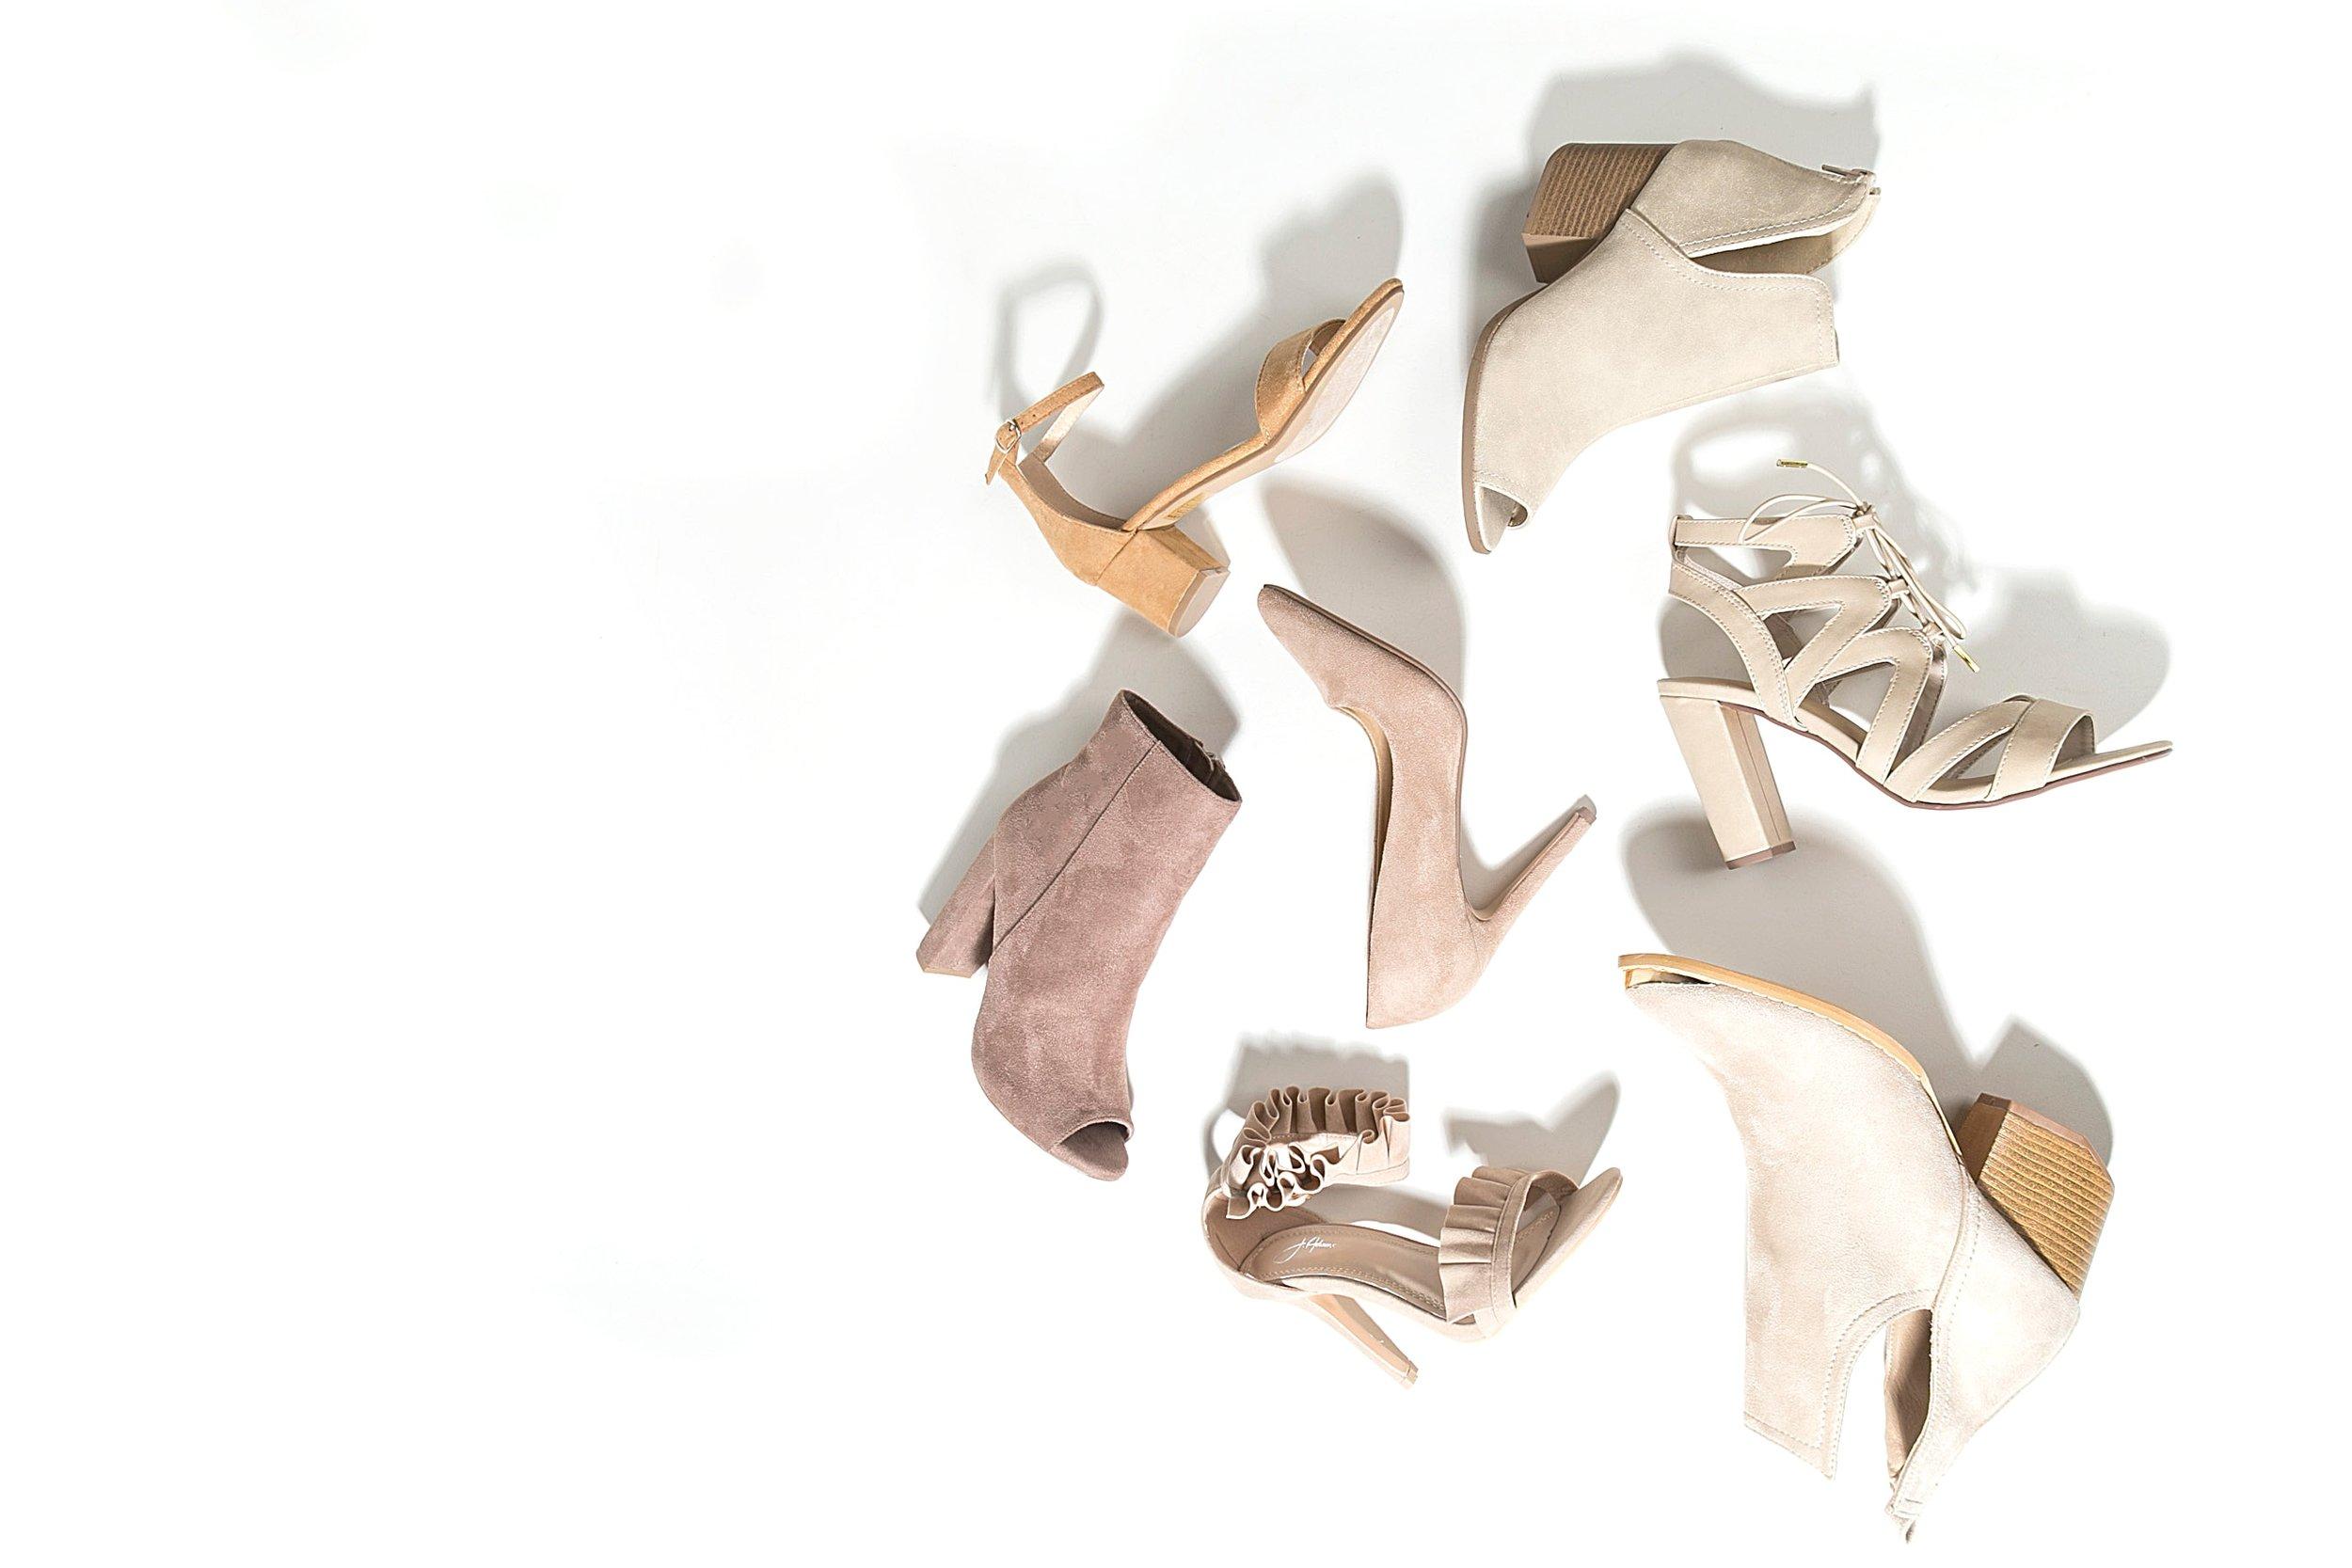 3. Shoes -